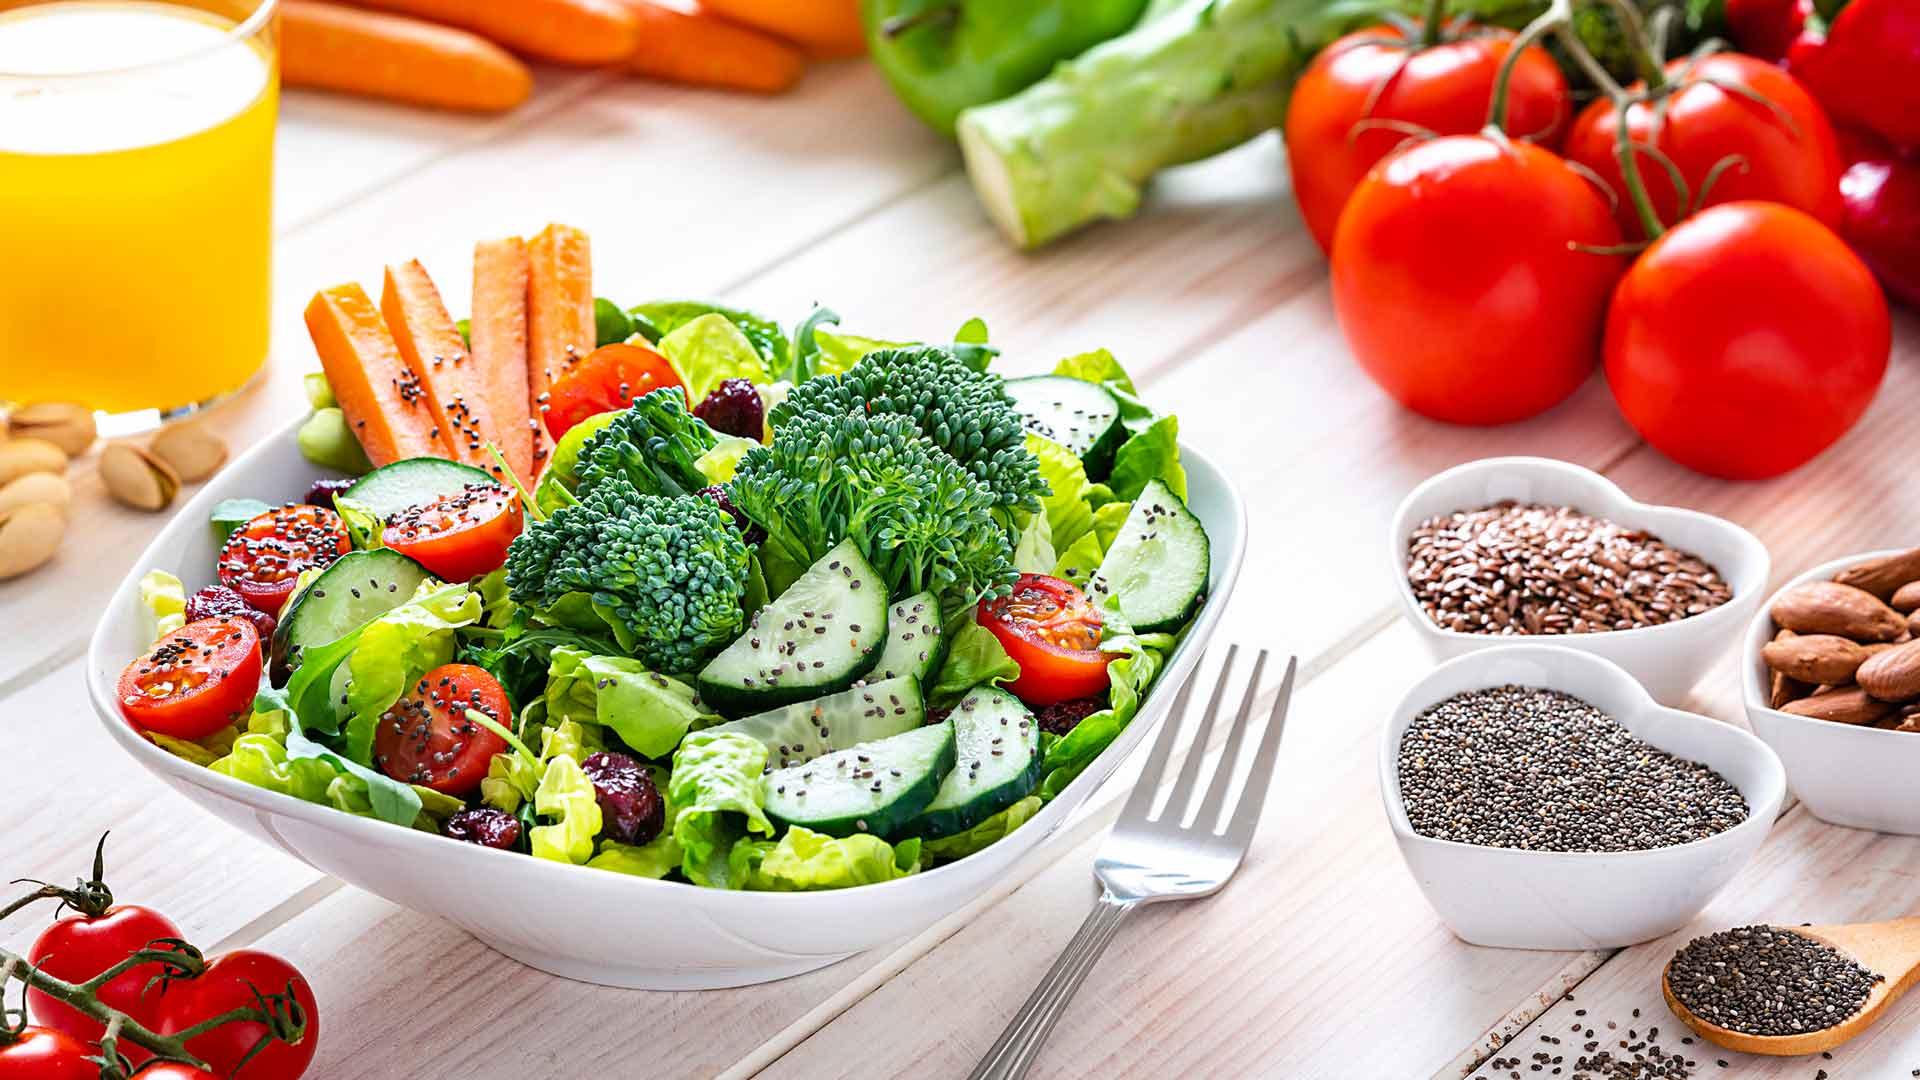 Keliaakikon päivittäiseen ruokavalioon kannattaa lisätä kuitua ja terveellisiä rasvahappoja.